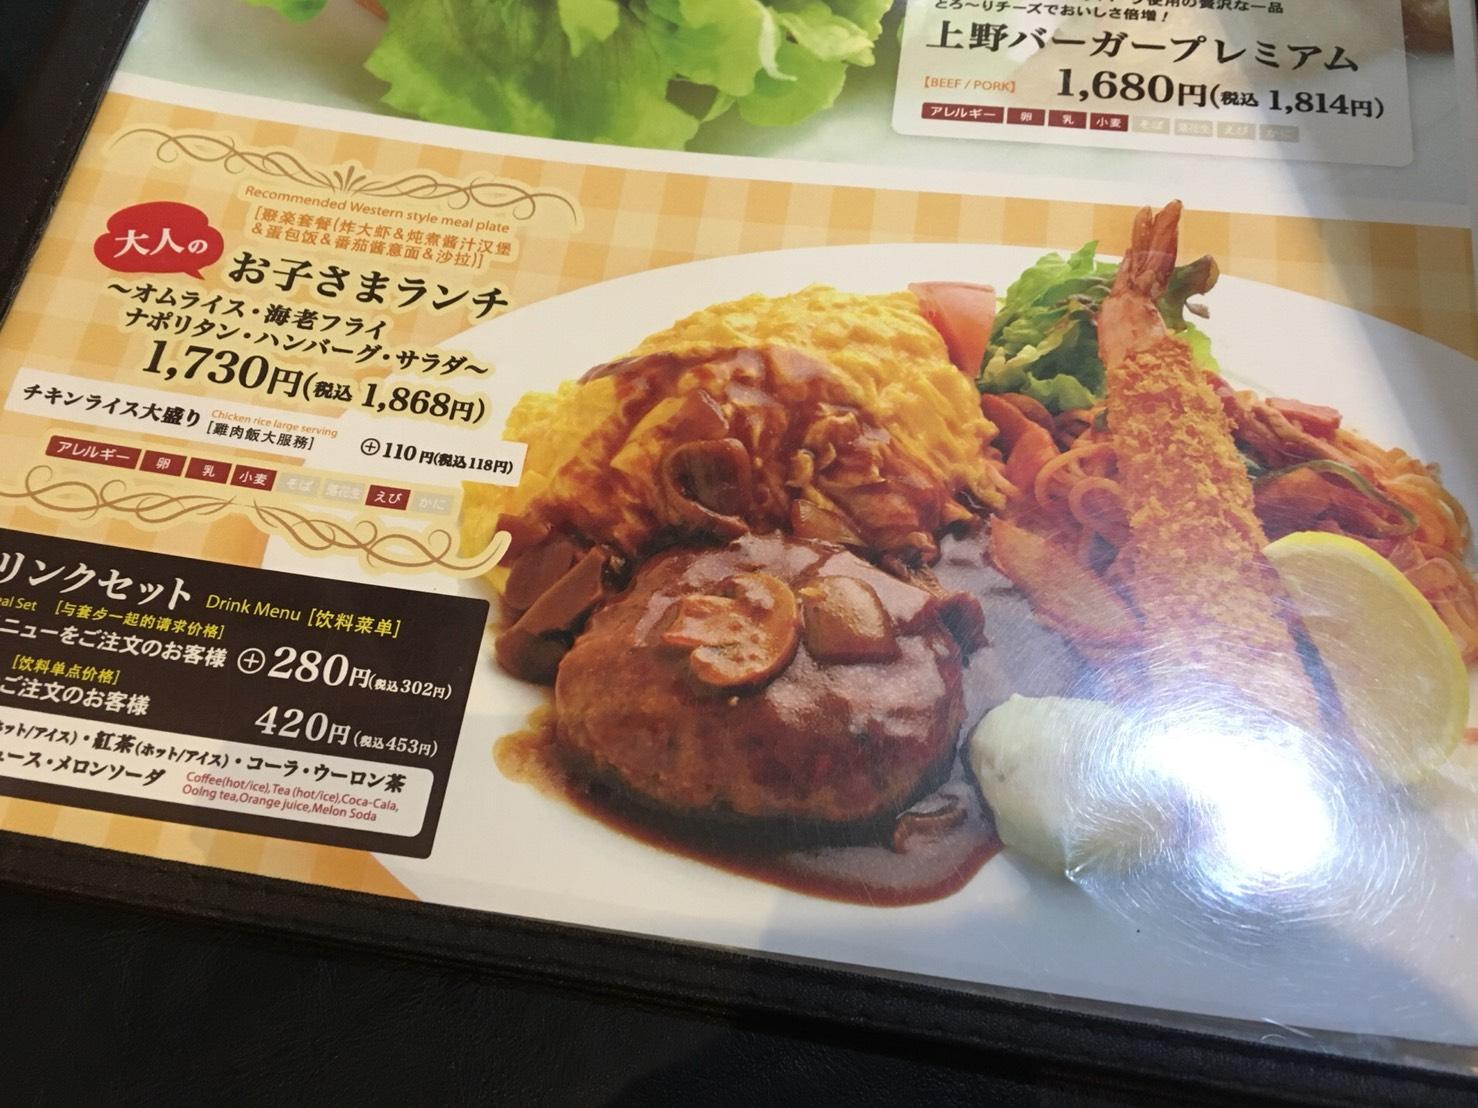 【上野駅】上野と言えば!の「じゅらく」で洋食とパンダパンケーキのじゅらく大人のお子さまプレートメニュー